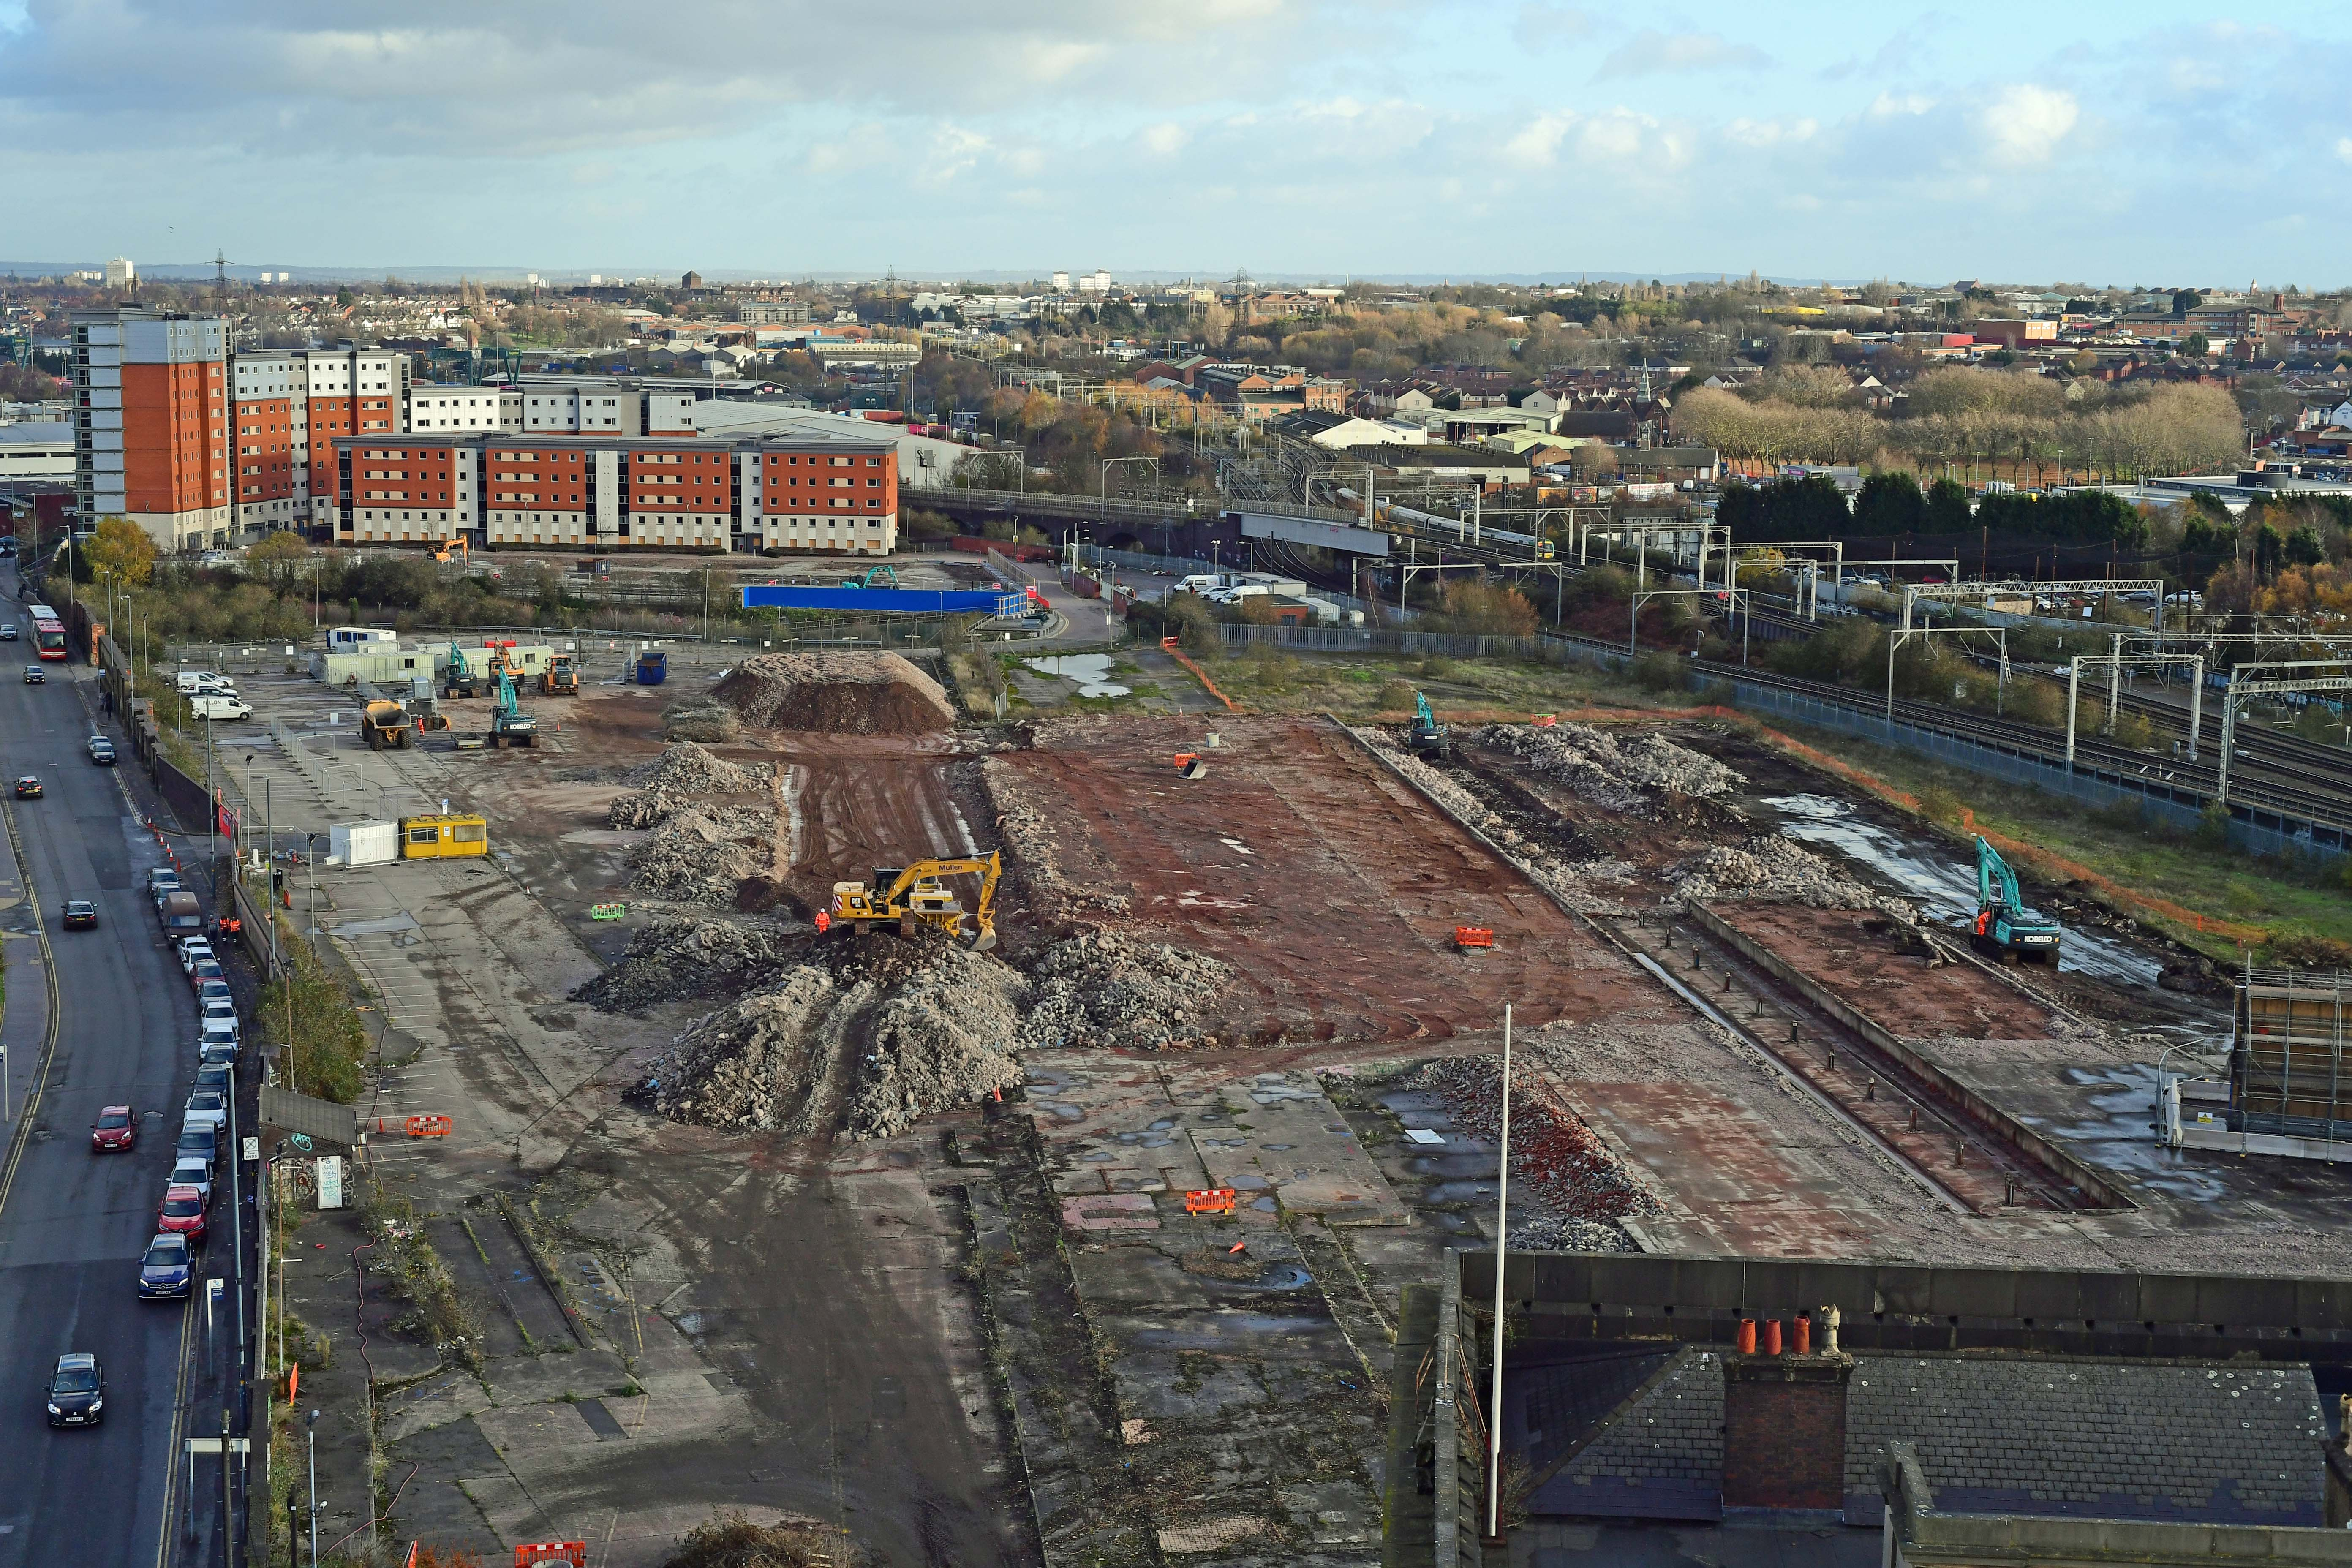 DG314118. Curzon St Hs2 station site. Birmingham. 30.11.18crop